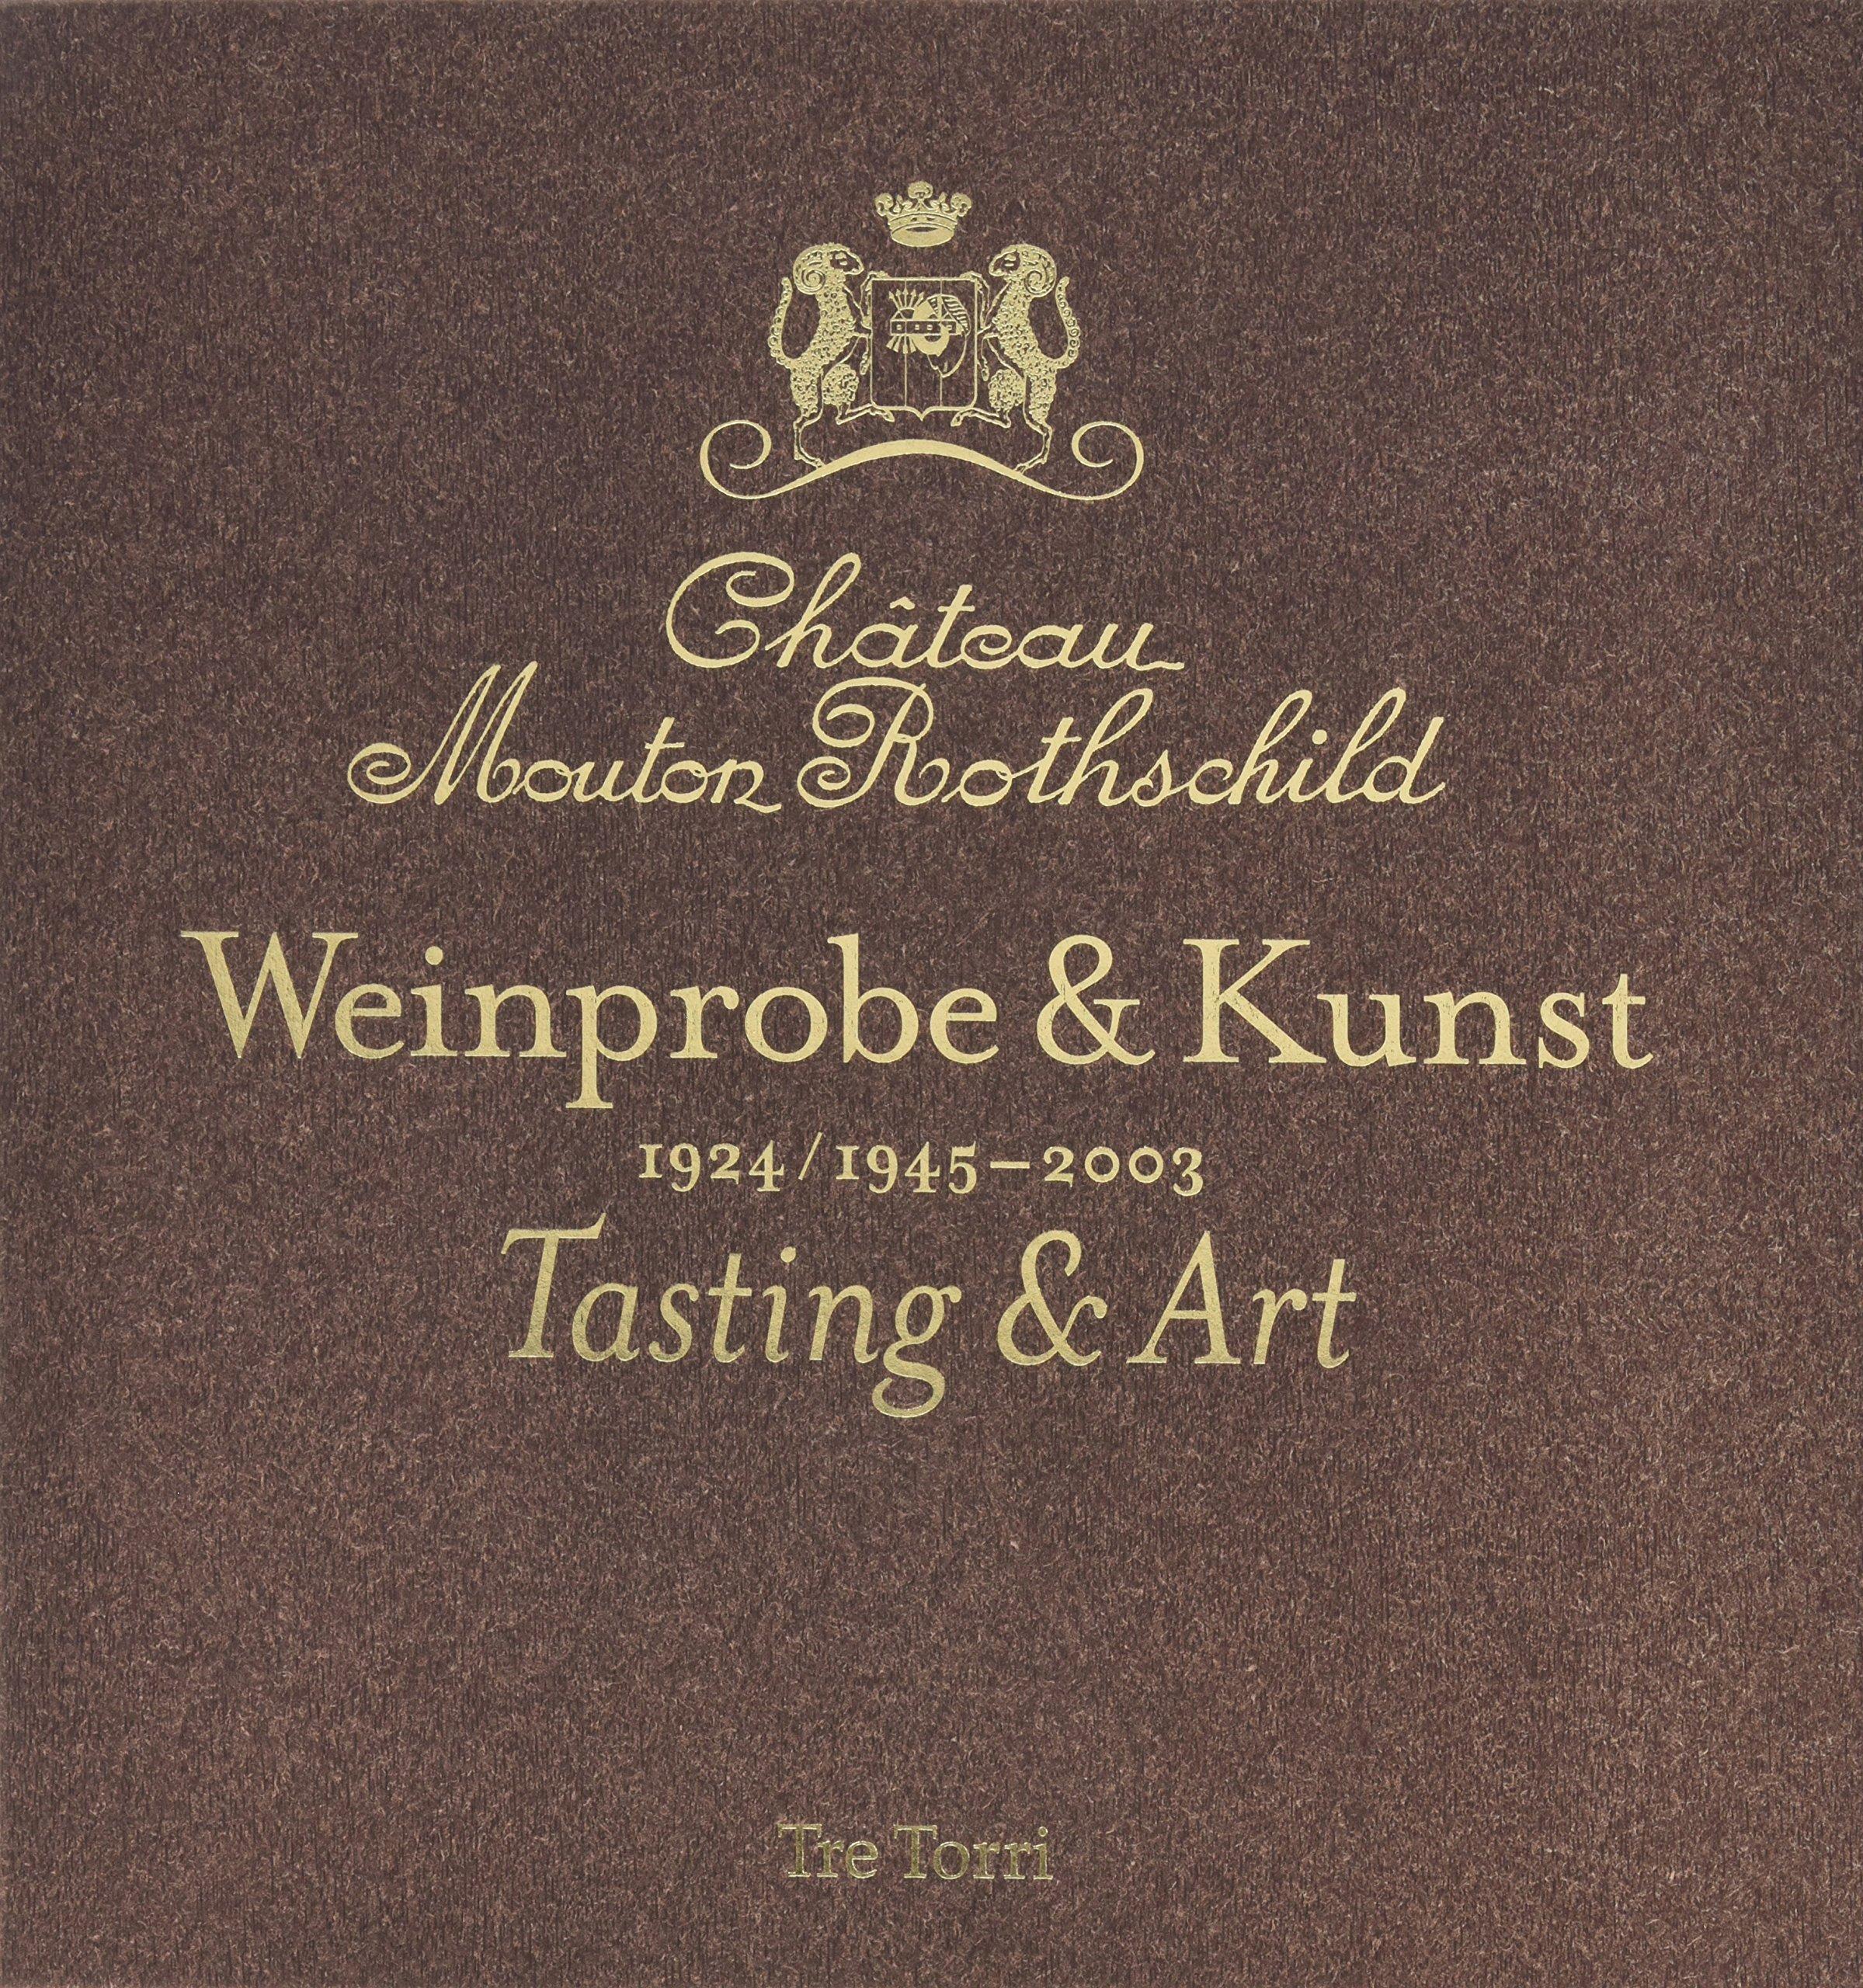 Mouton Rothschild - Weinprobe & Kunst 1924/1945-2003 - Tasting & Art